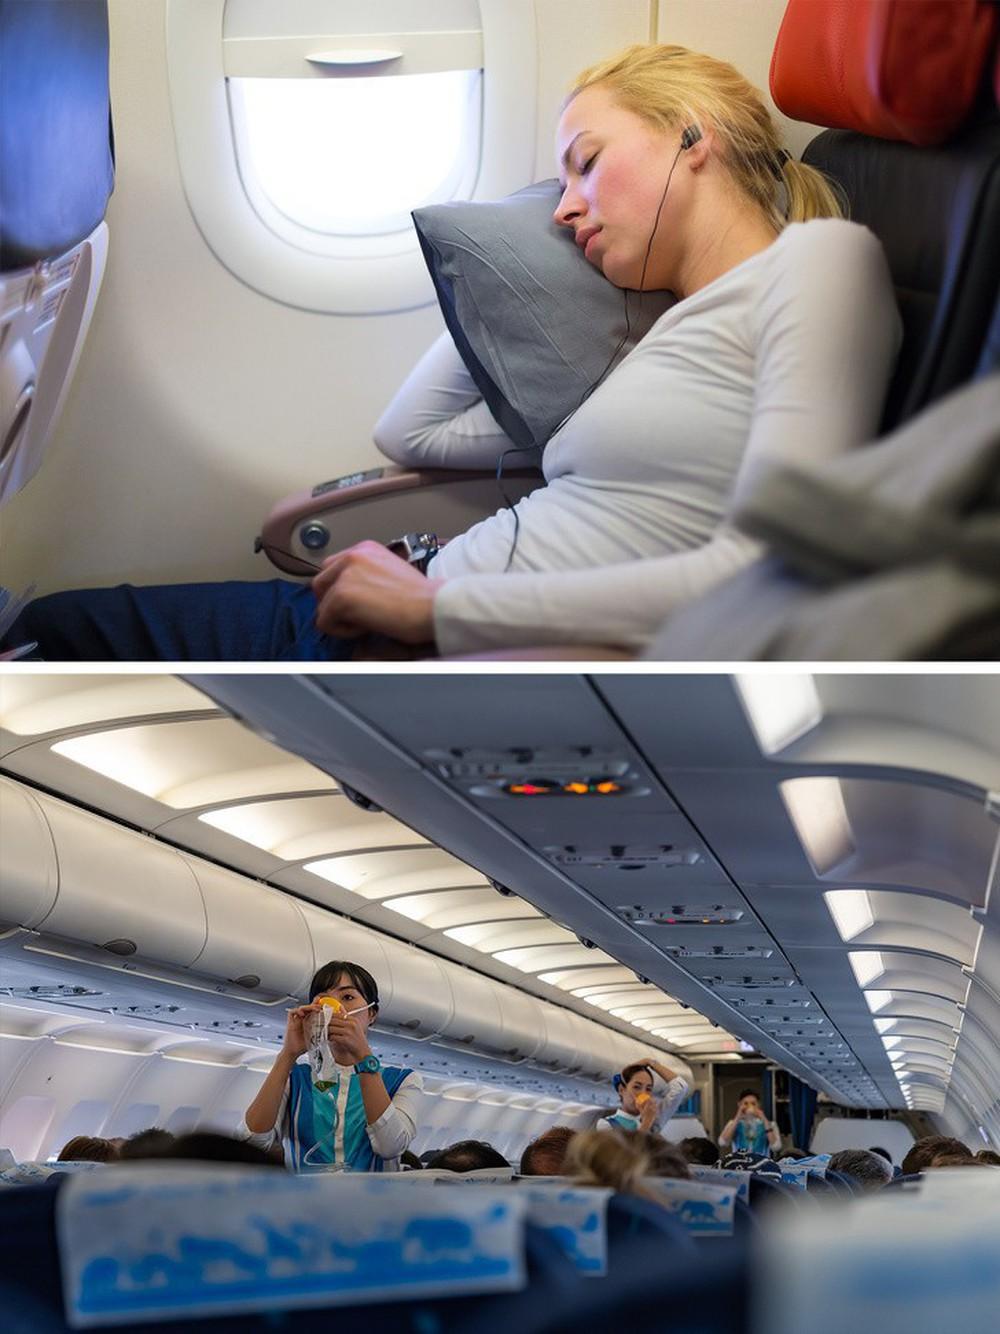 8 thói quen kém sang trên máy bay cần phải bỏ ngay nếu không muốn bị đánh giá thậm tệ - Ảnh 4.